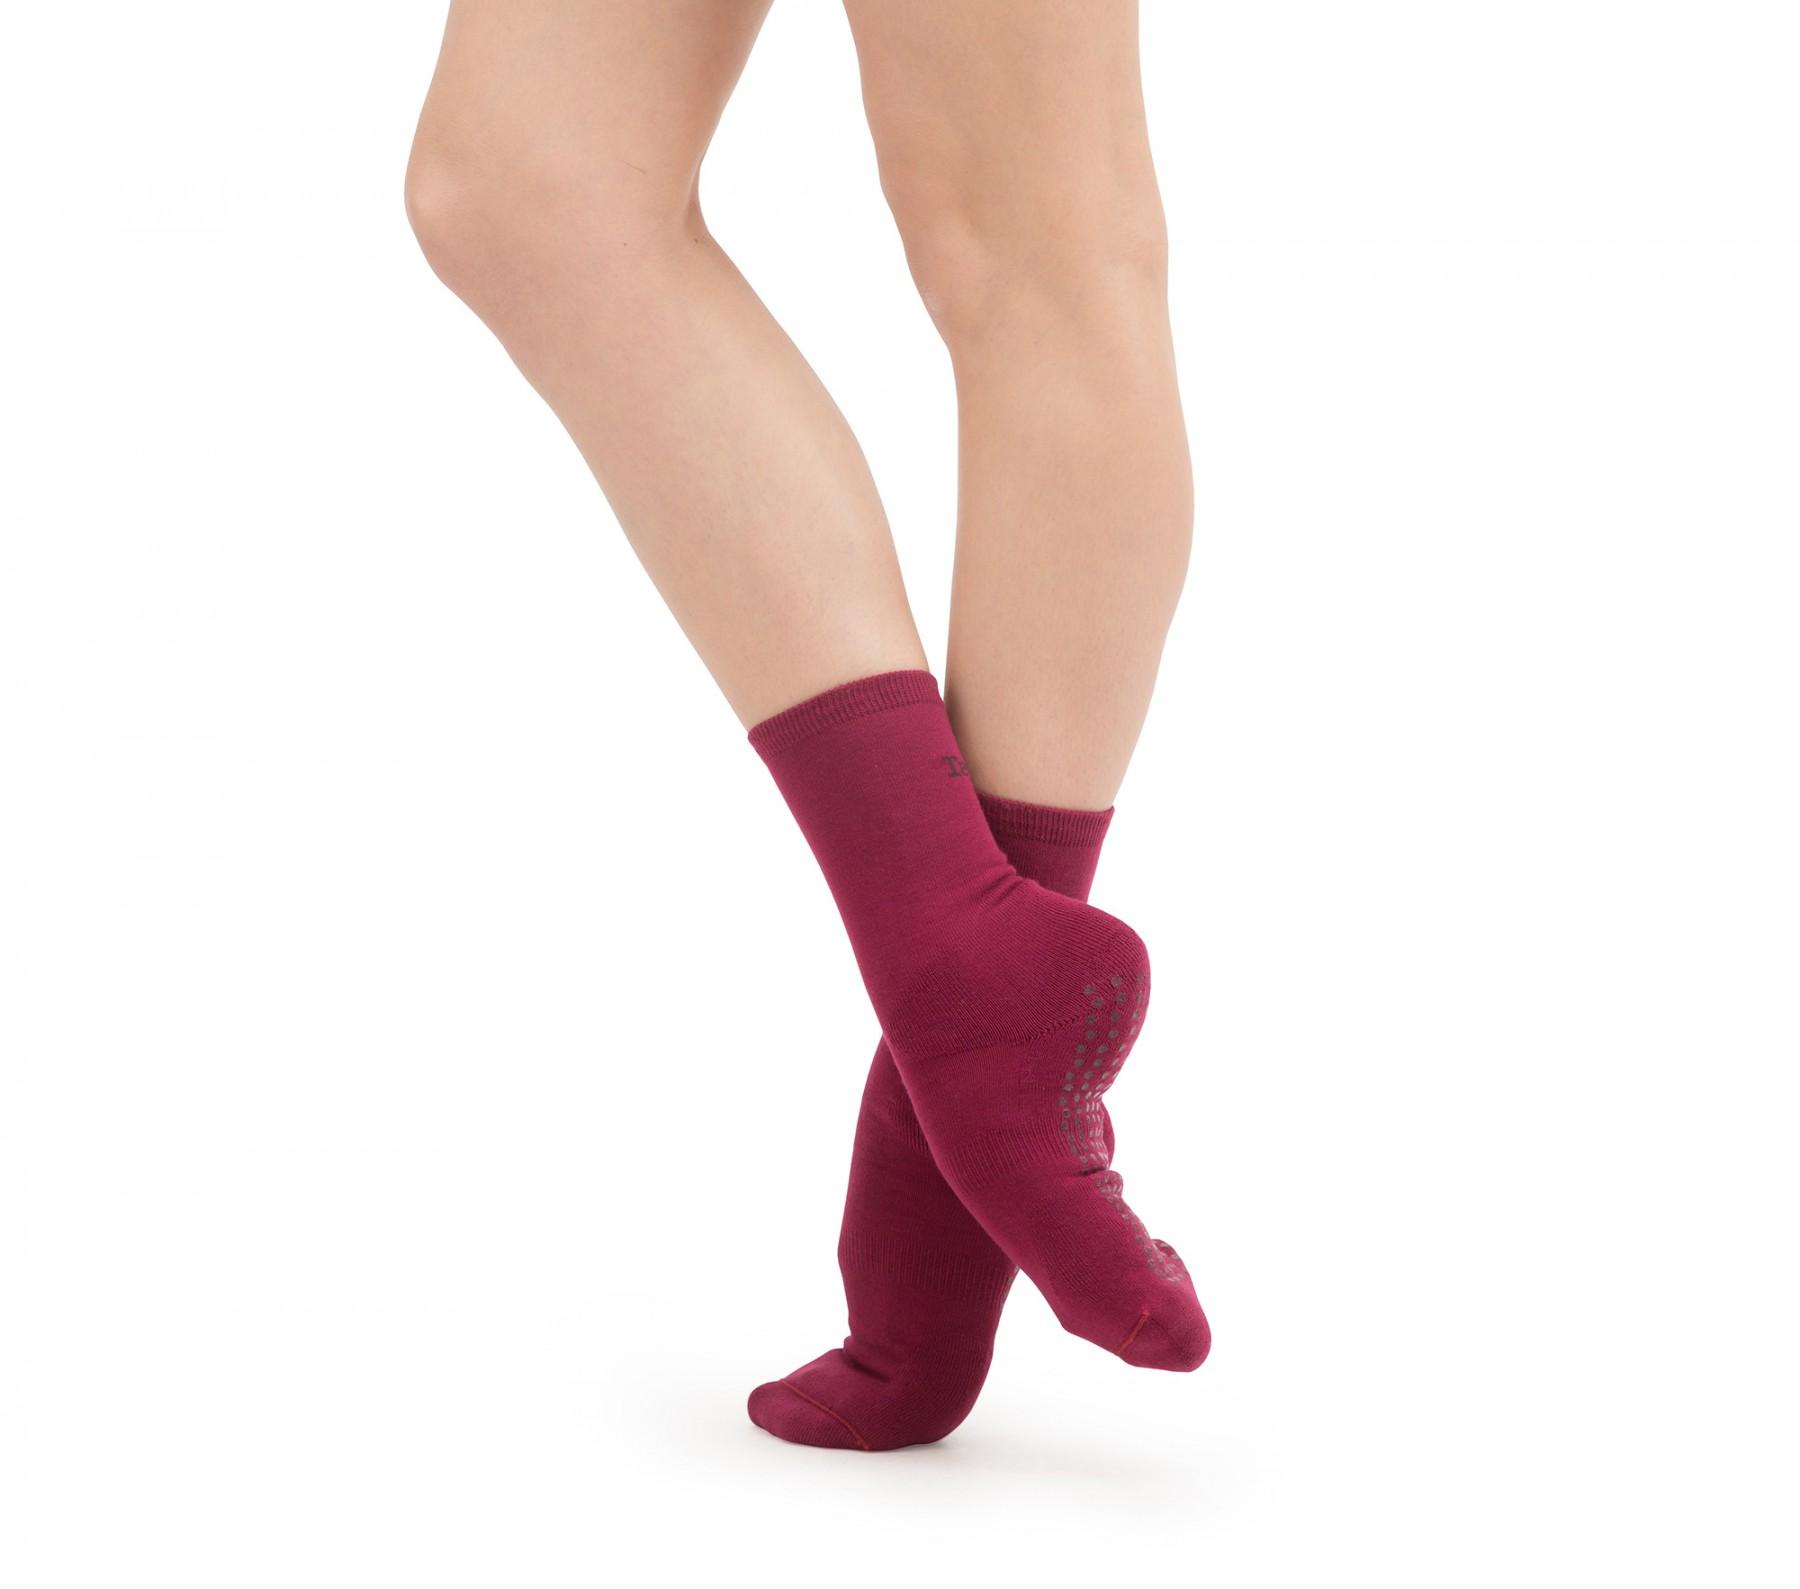 Chaussettes d'échauffement antidérapantes